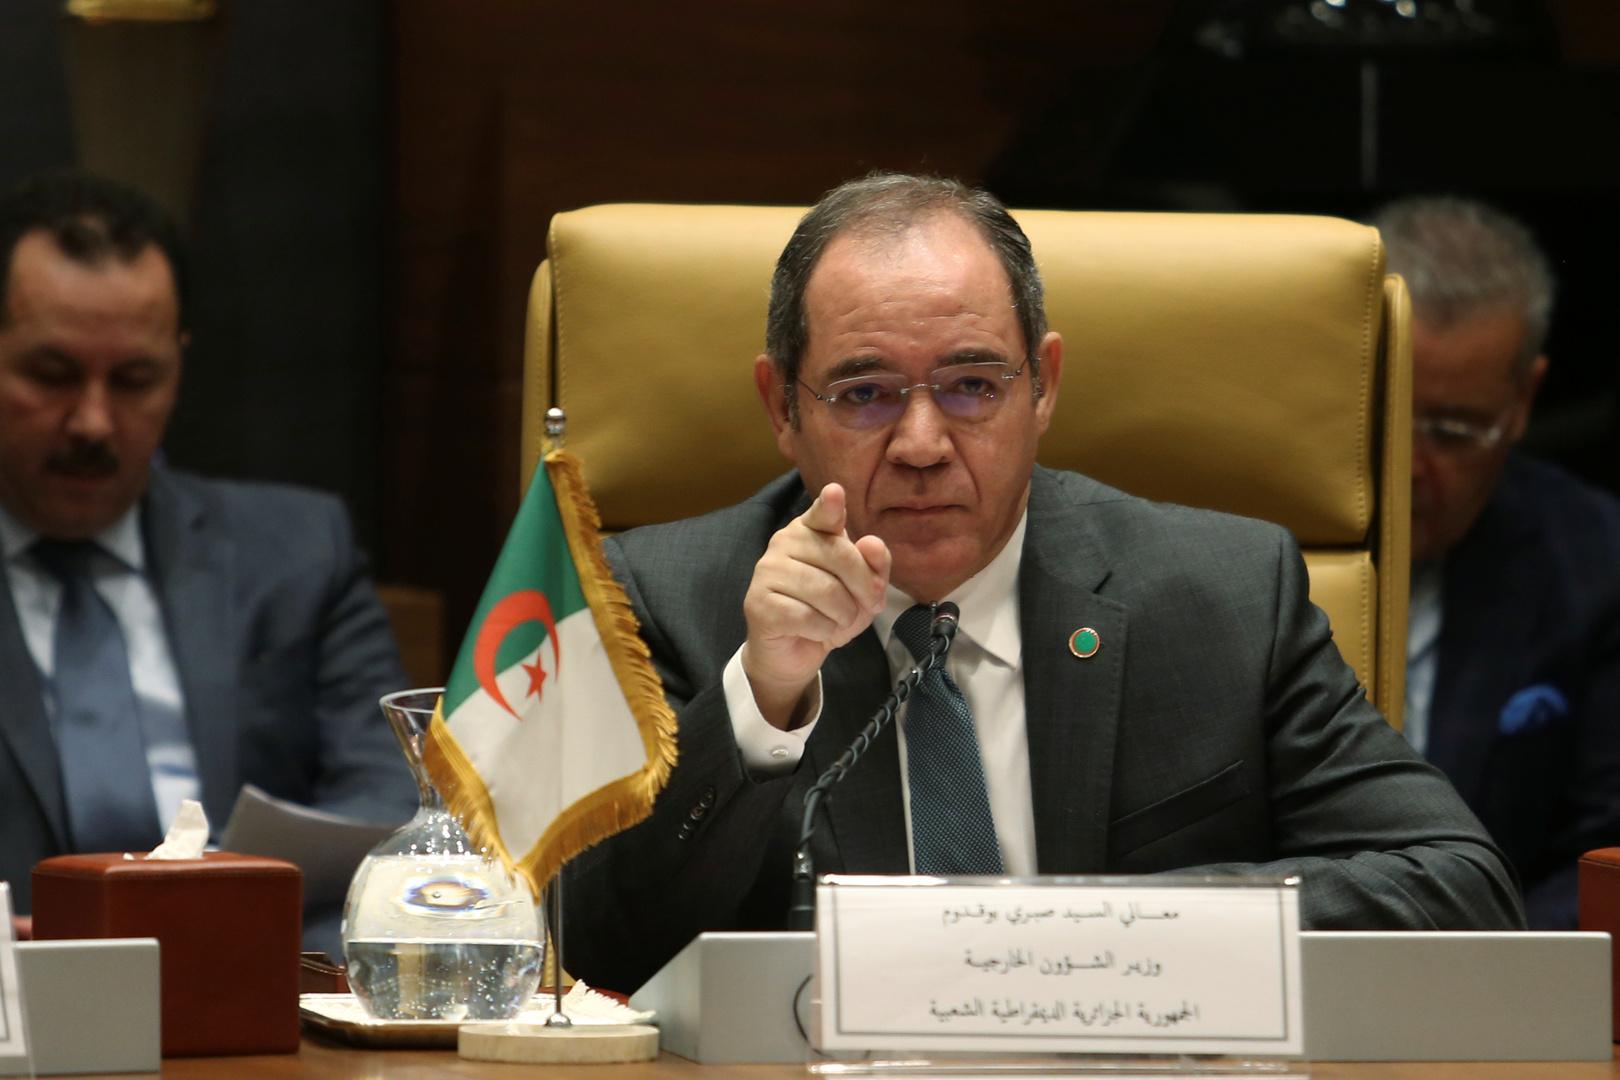 """بوقدوم يذكّر فرنسا بعملية """"اليربوع الأزرق"""" في الصحراء الجزائرية"""